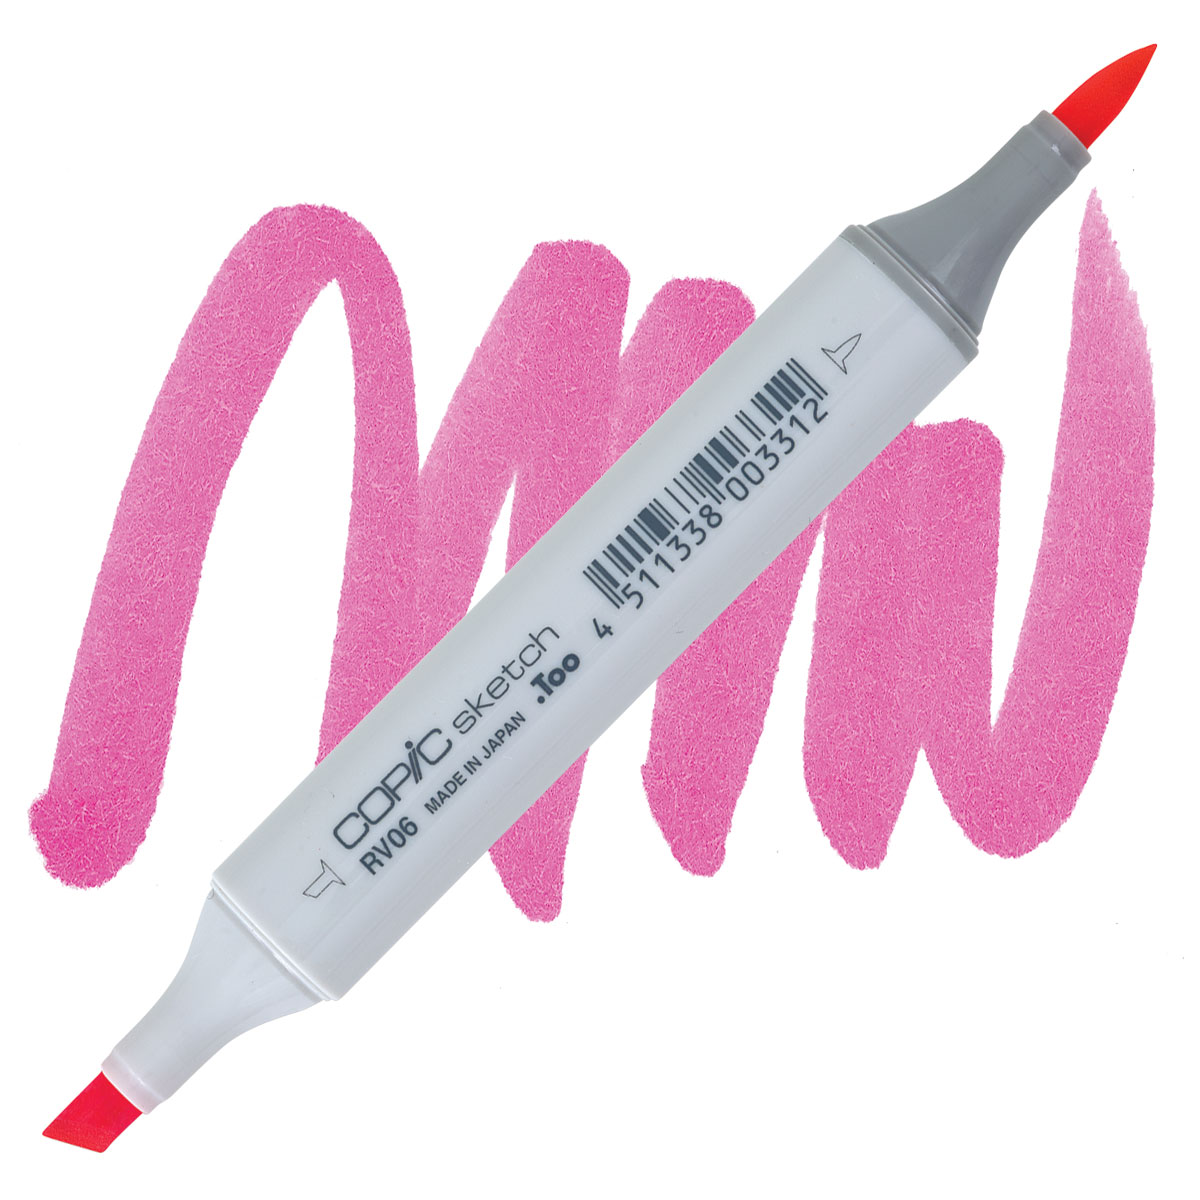 221113820 copic sketch markers blick art materials